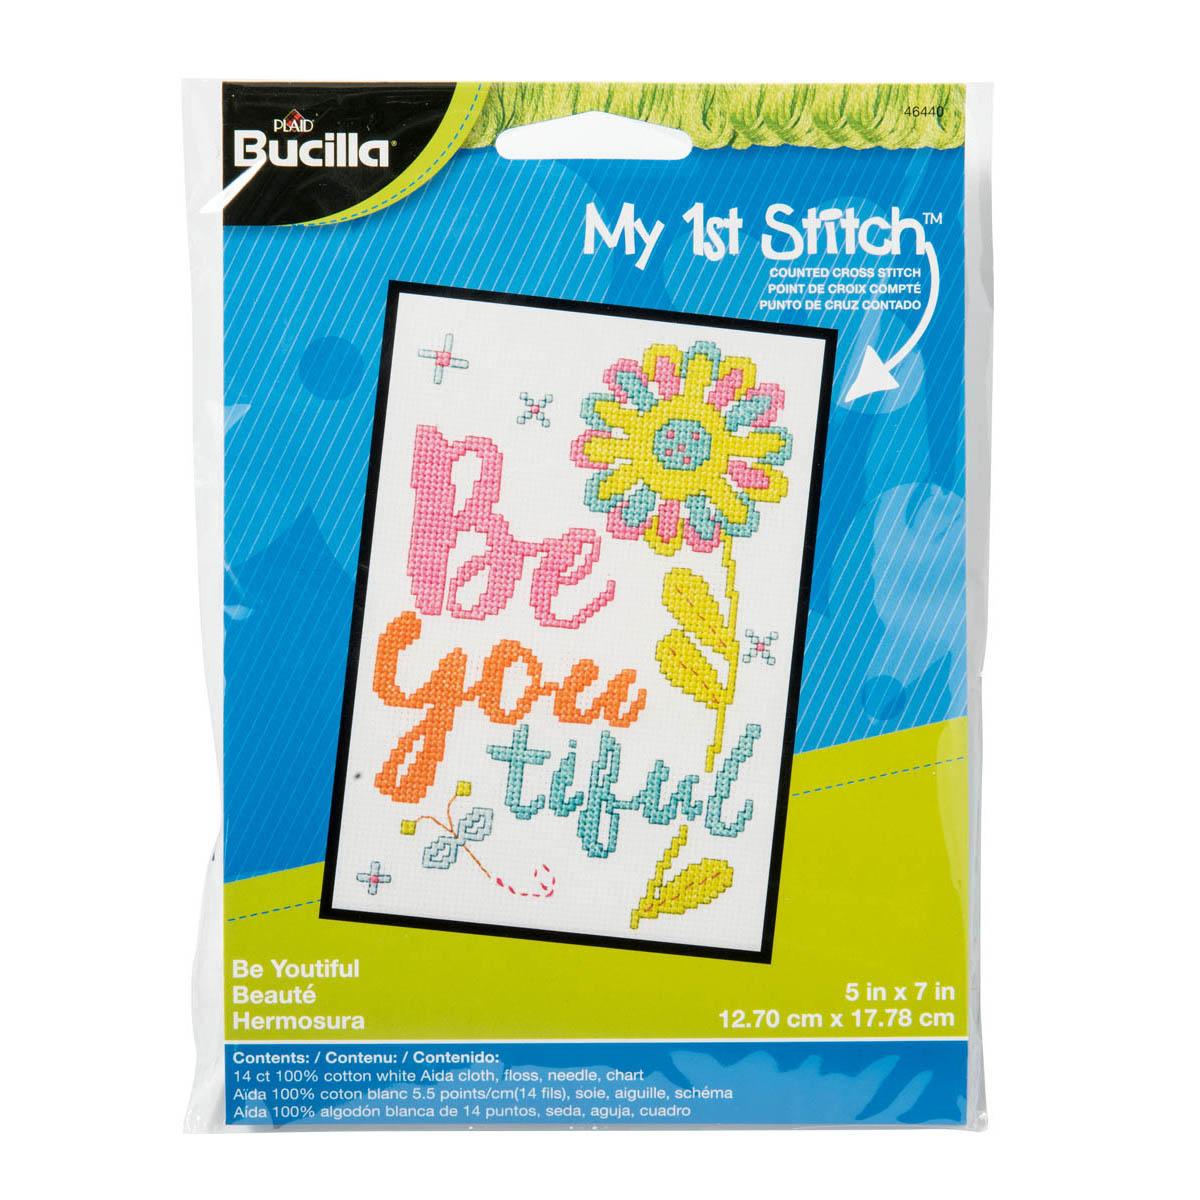 Bucilla ® My 1st Stitch™ - Counted Cross Stitch Kits - Beyoutiful